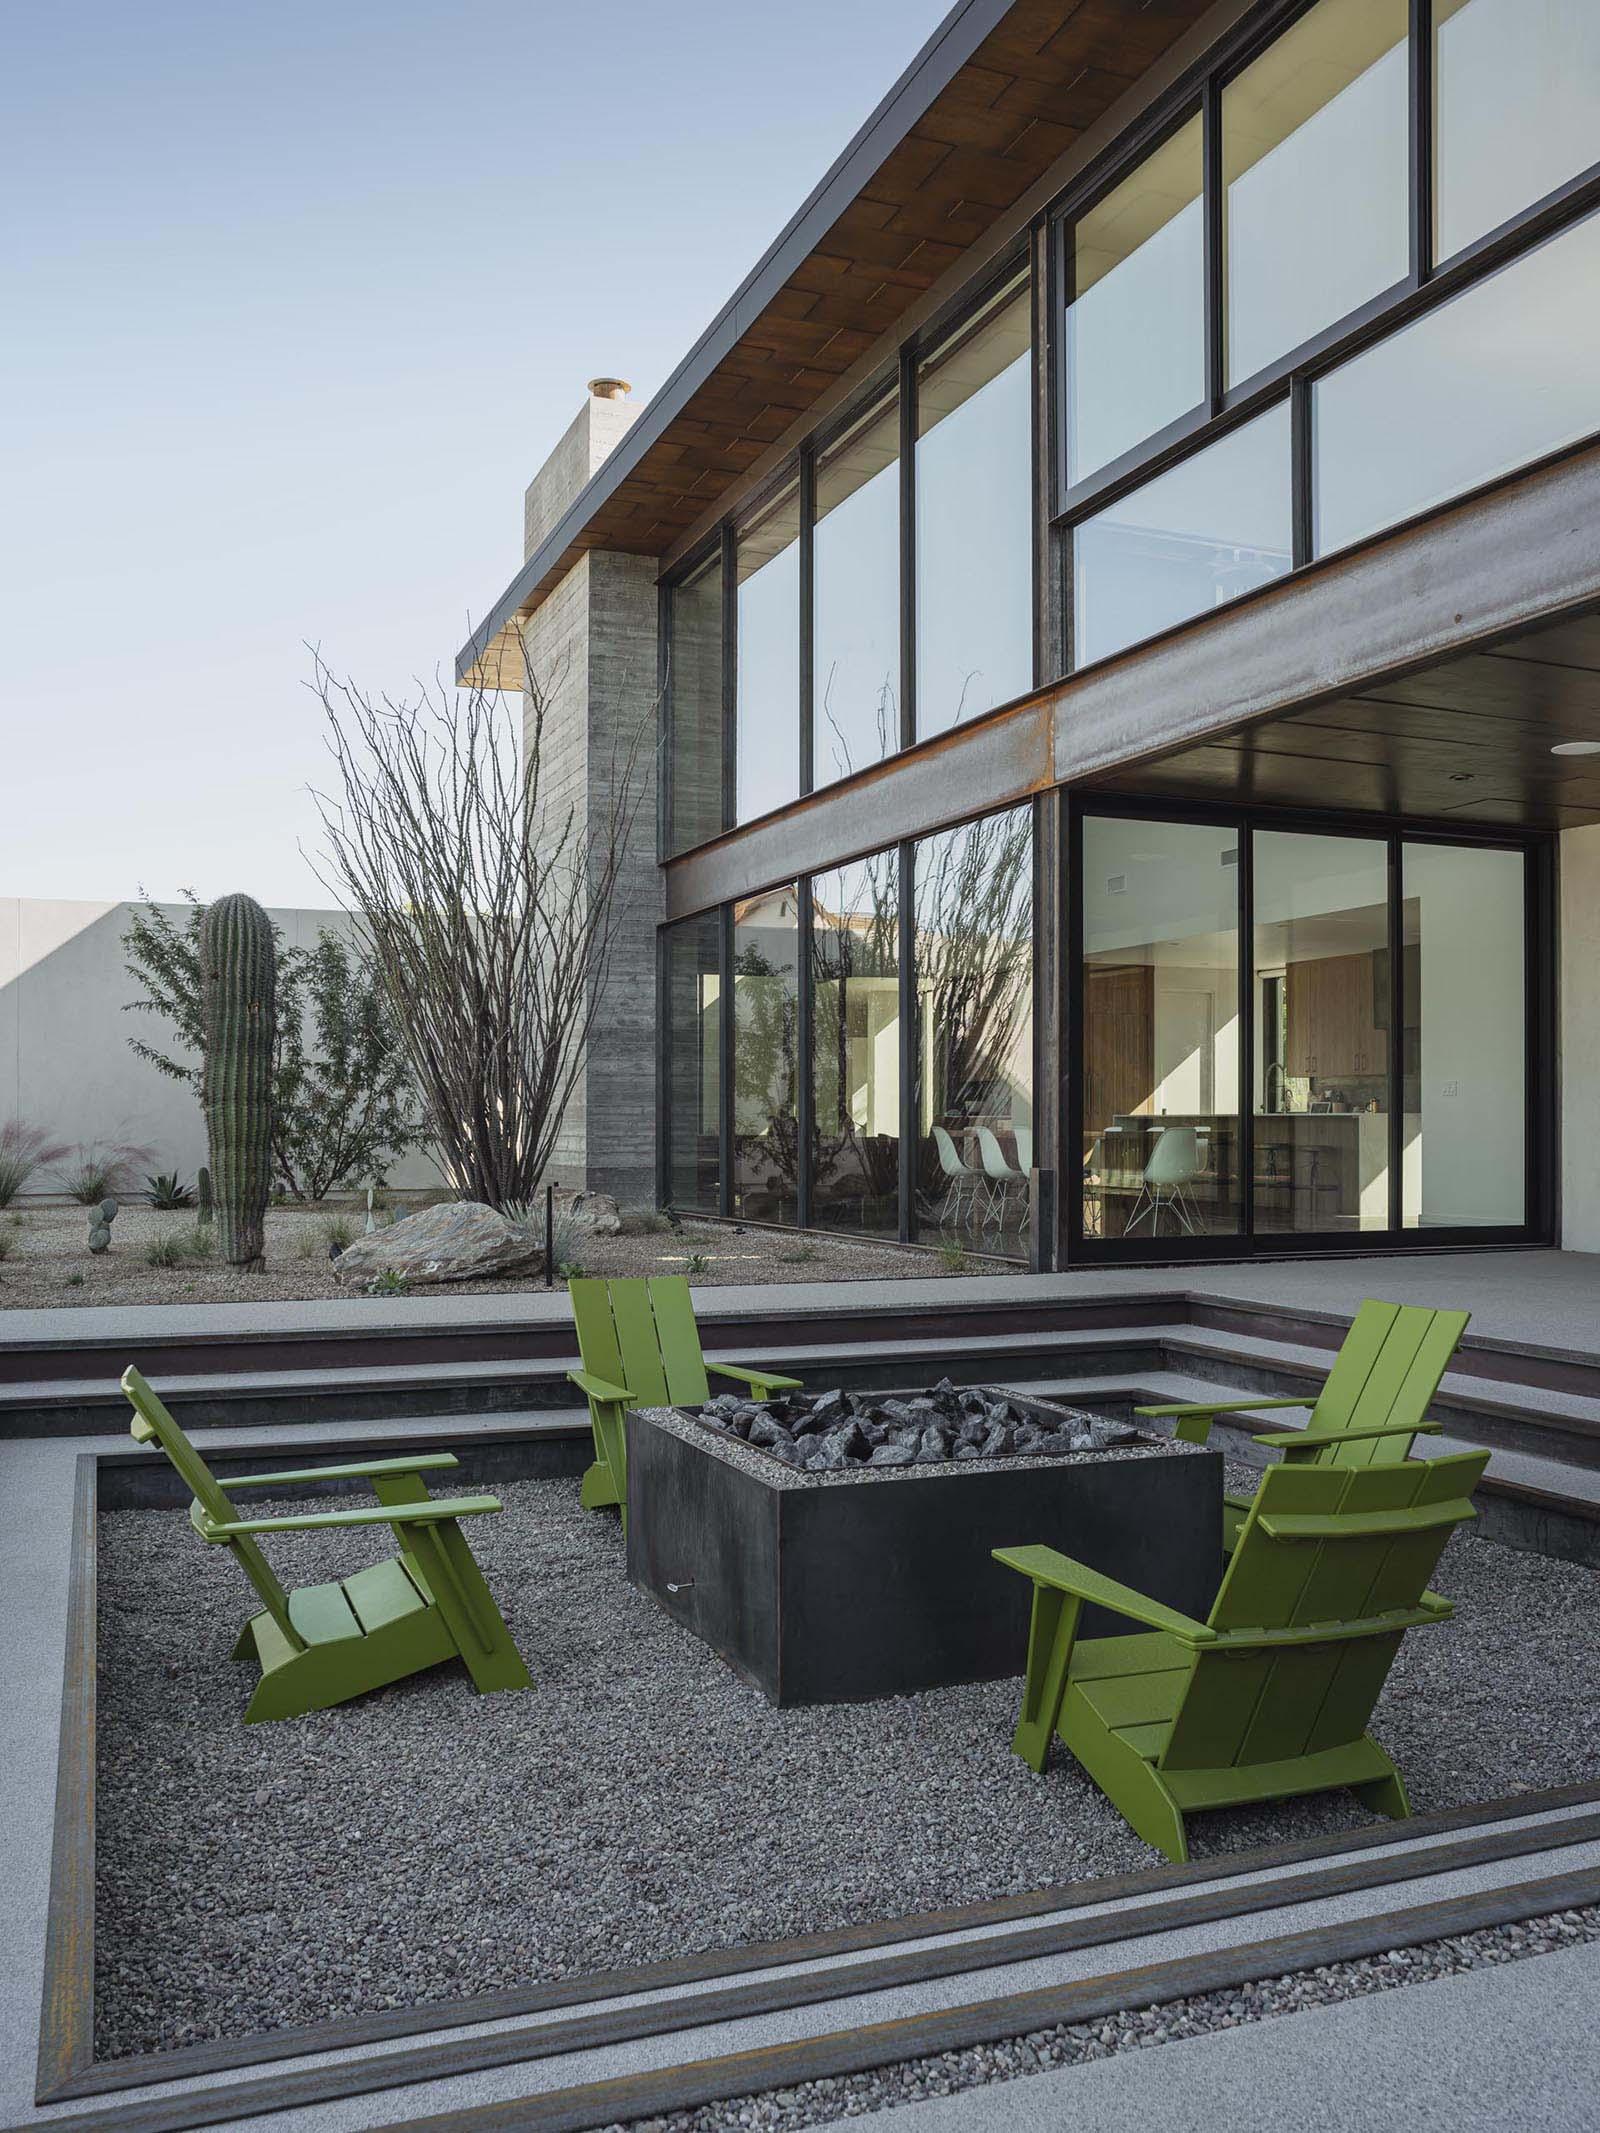 A modern desert home with a sunken fire pit.